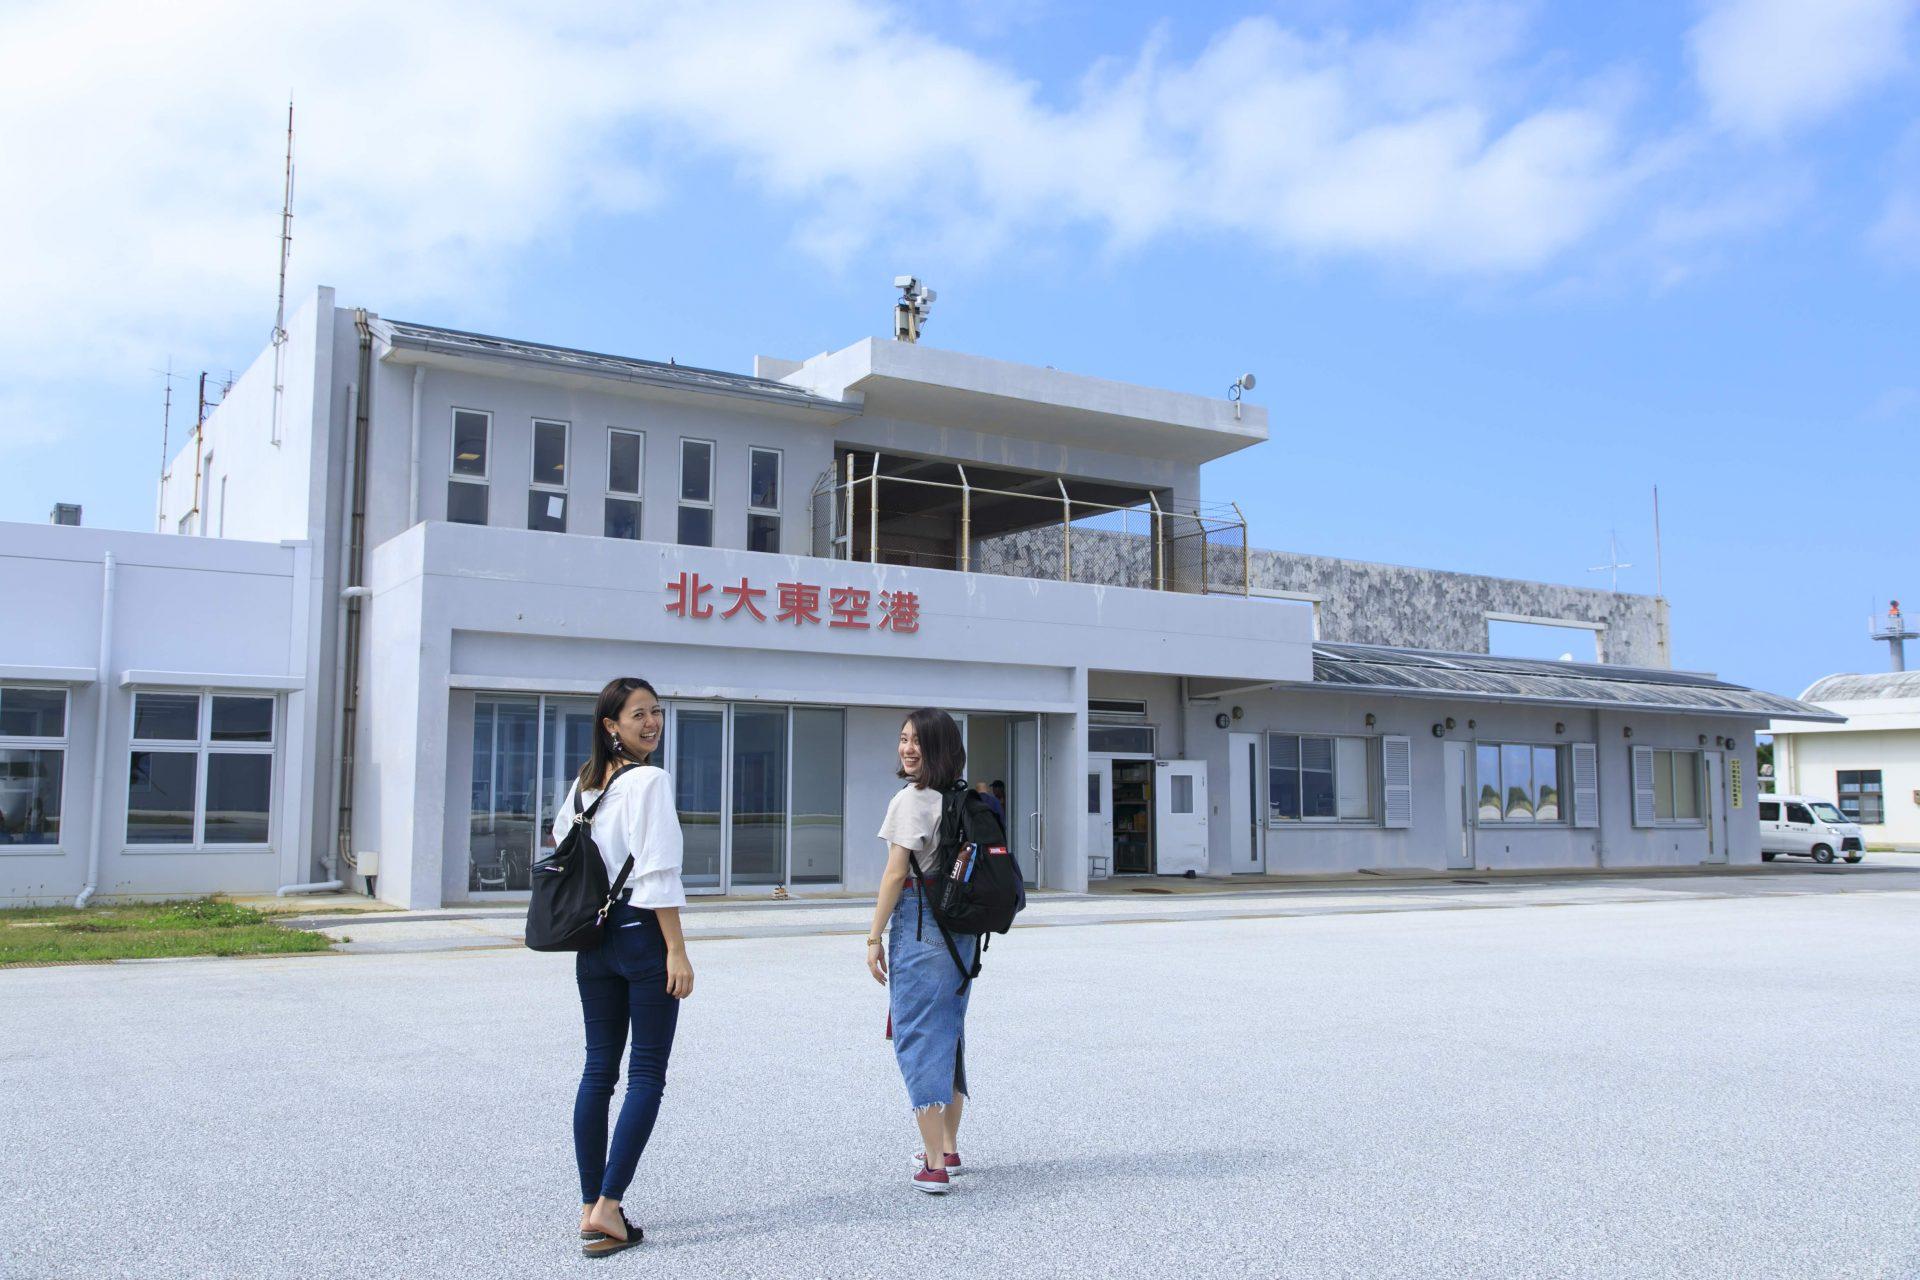 飛行機 航空券 夏 9月 10月 値下げ 安い 安く 沖縄 旅行 お得 安価